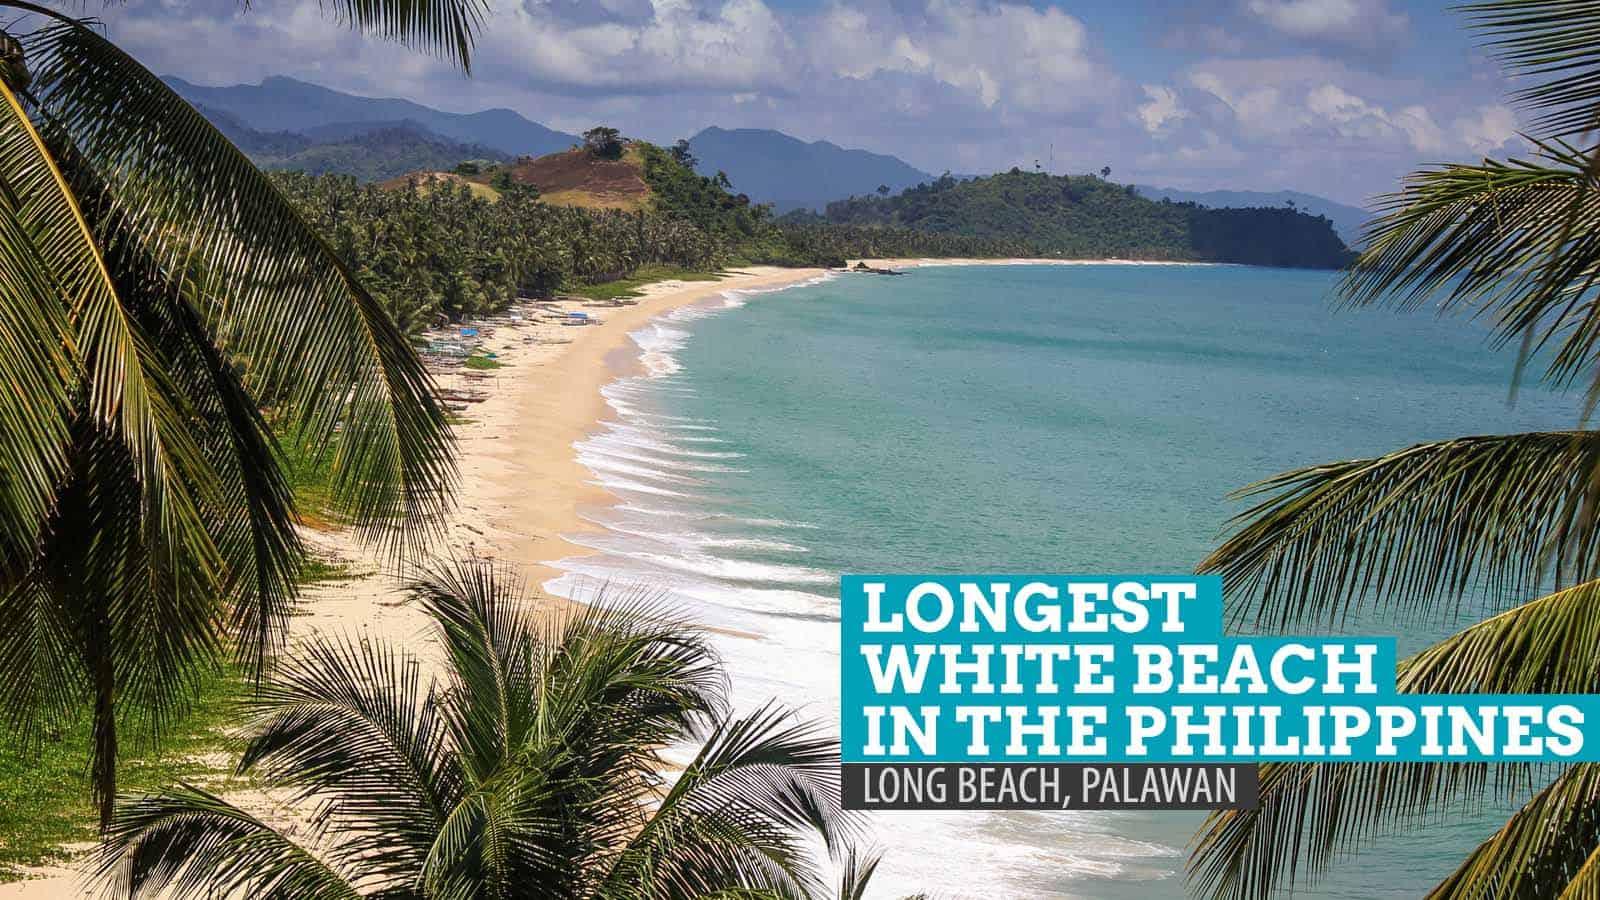 Long Beach San Vicente Palawan The Longest White Beach